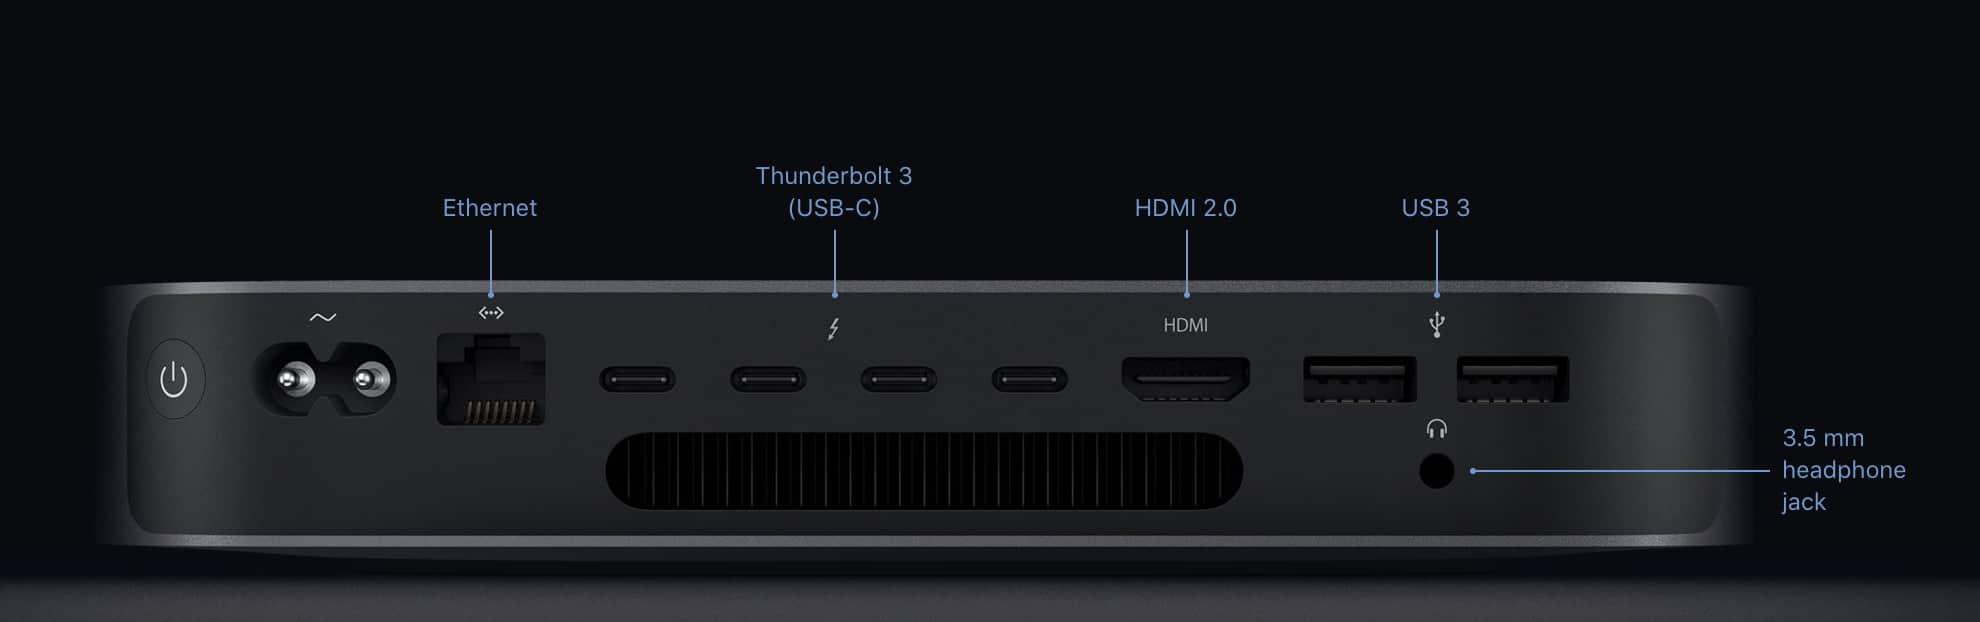 cong-ket-noi-mac-mini-2020-mxnf2-laptopvang.com